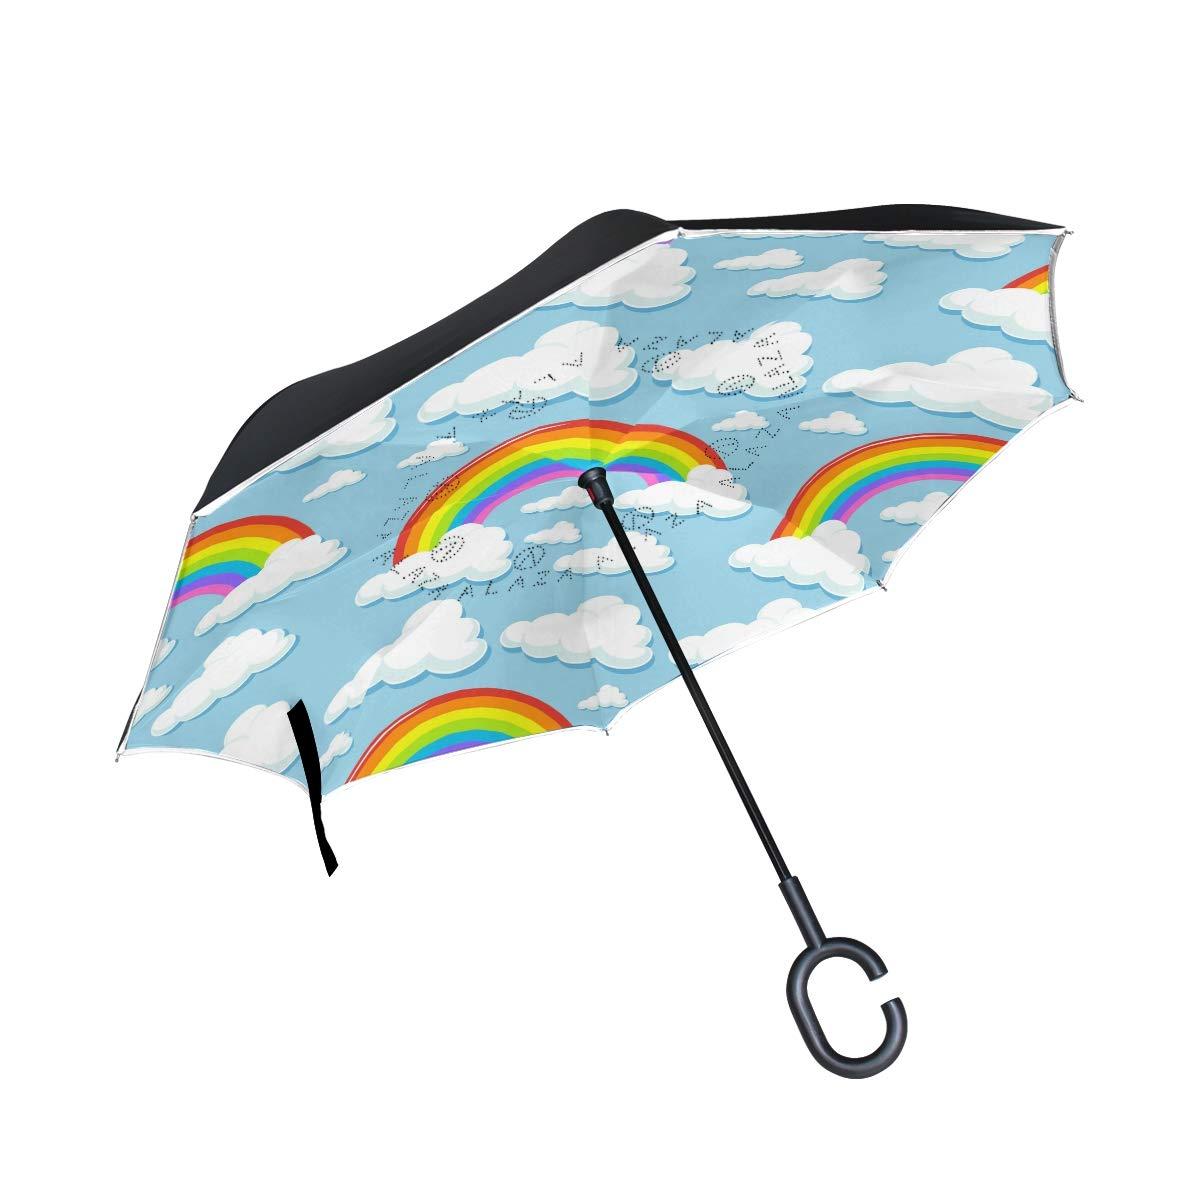 ALINLO inversé Parapluie Arc-en-Ciel Motif Nuages, Double Couche Envers Parapluie pour Voiture Pluie étanche d'extérieur avec poignée en Forme de C